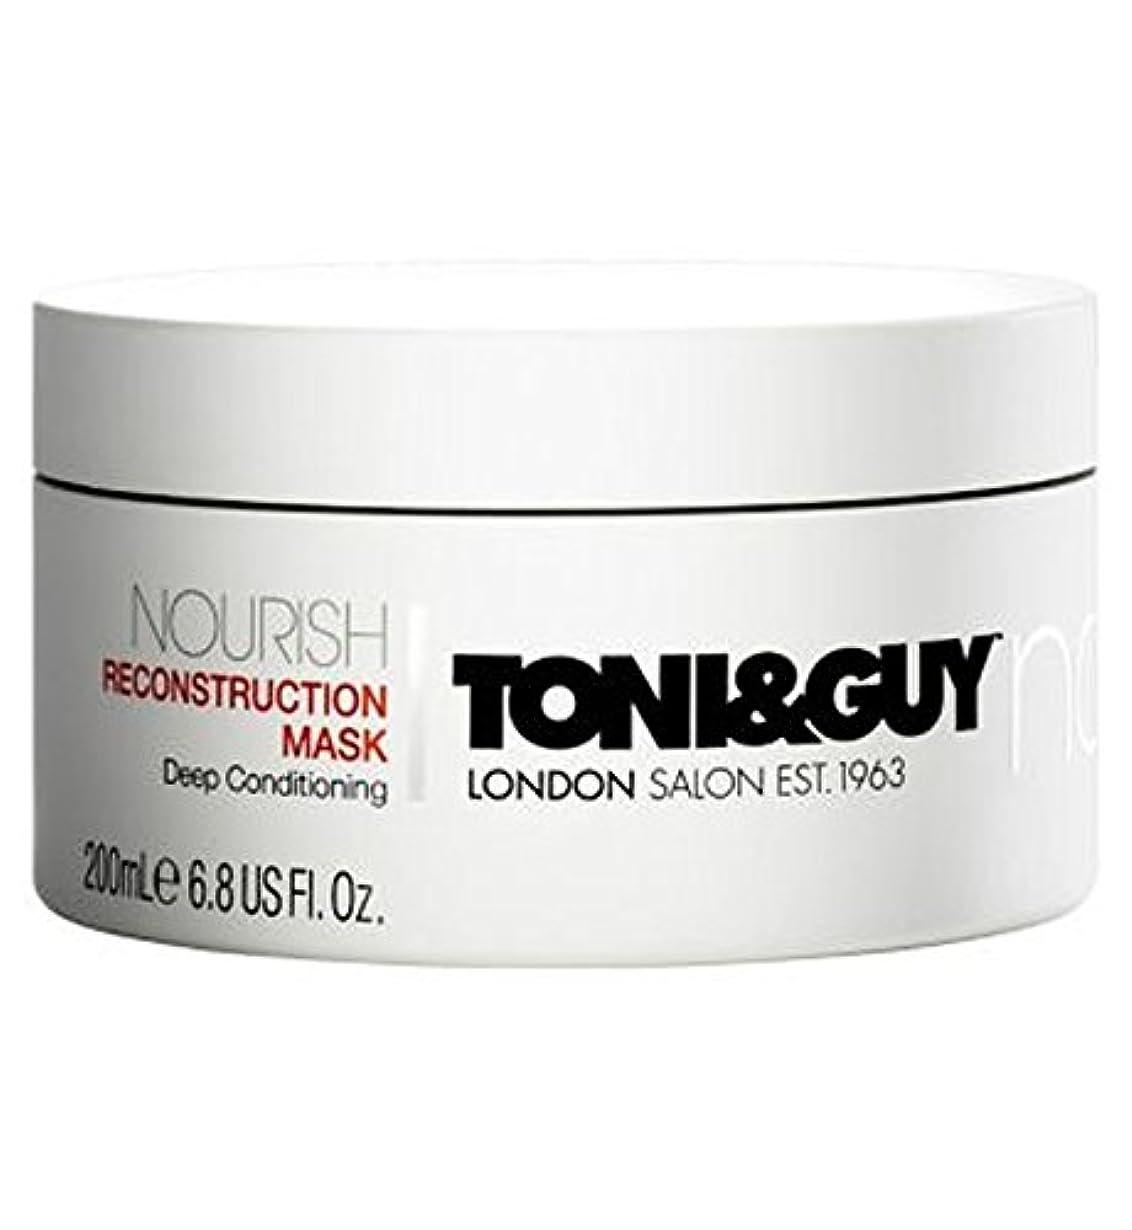 遮る球状ステートメントToni&Guy Nourish Reconstruction Mask 200ml - トニ&男は復興マスク200ミリリットルを養います (Toni & Guy) [並行輸入品]